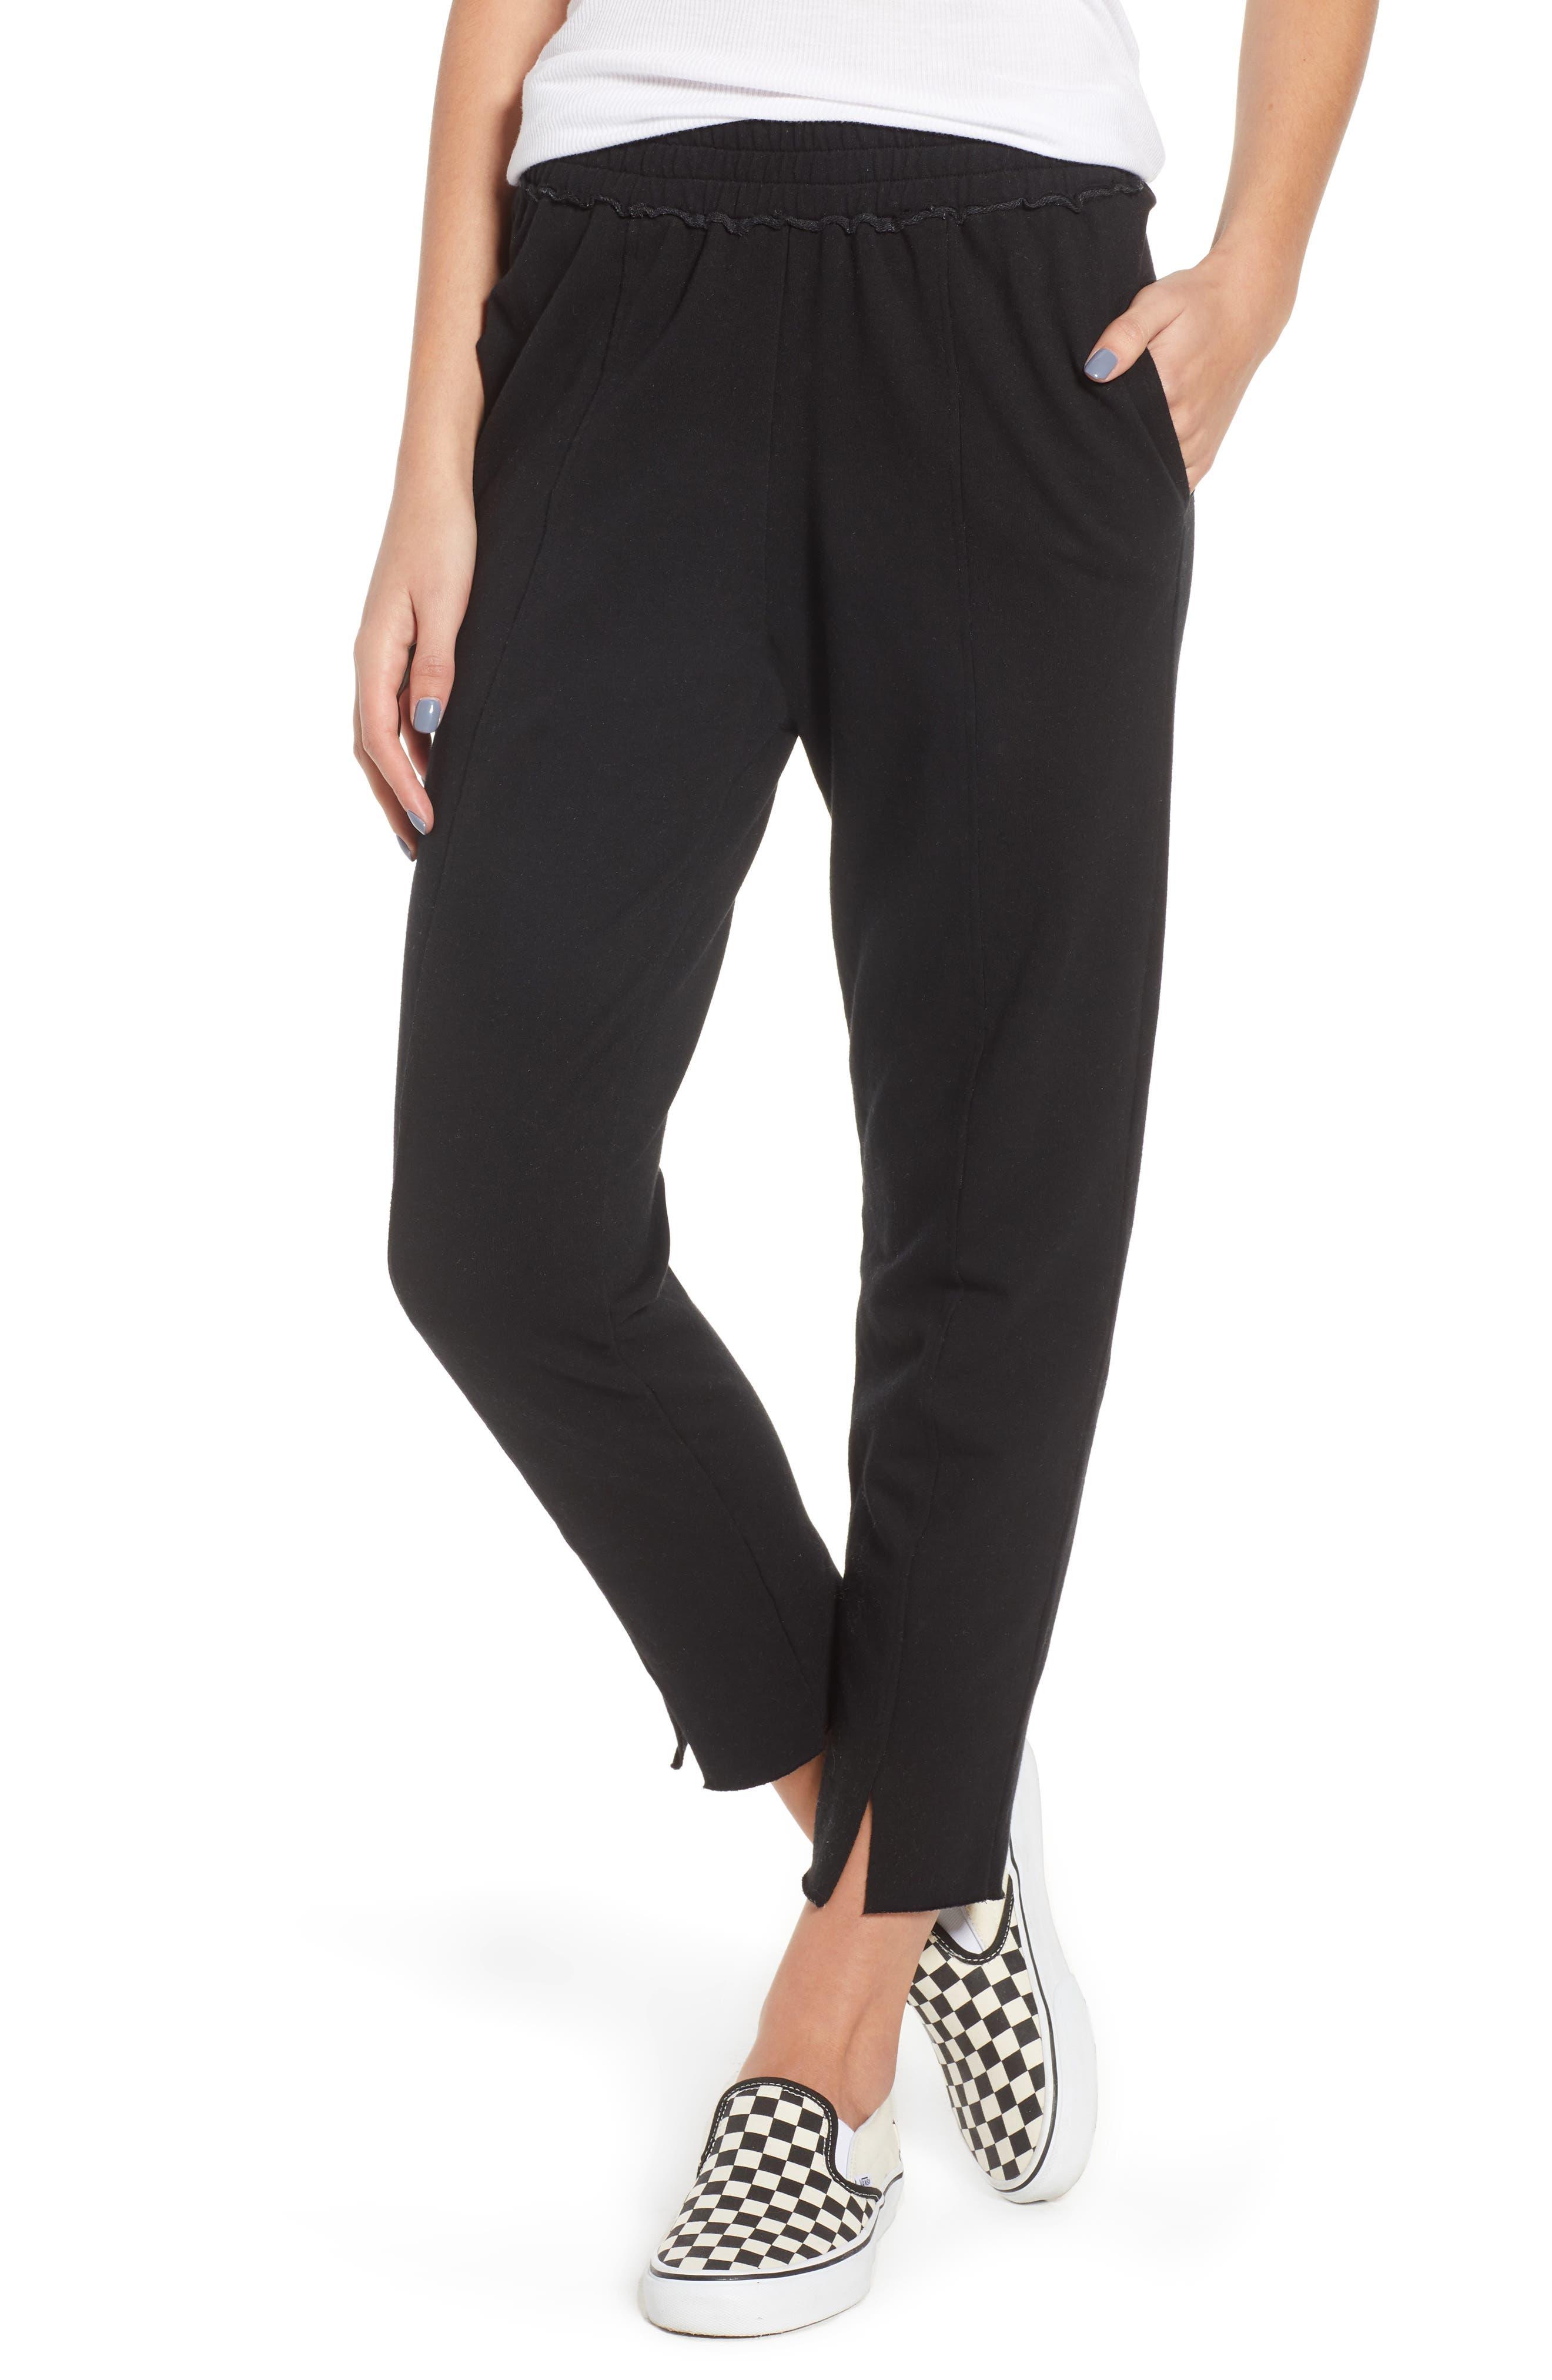 Lowsen Split Hem Sweatpants,                         Main,                         color, Black